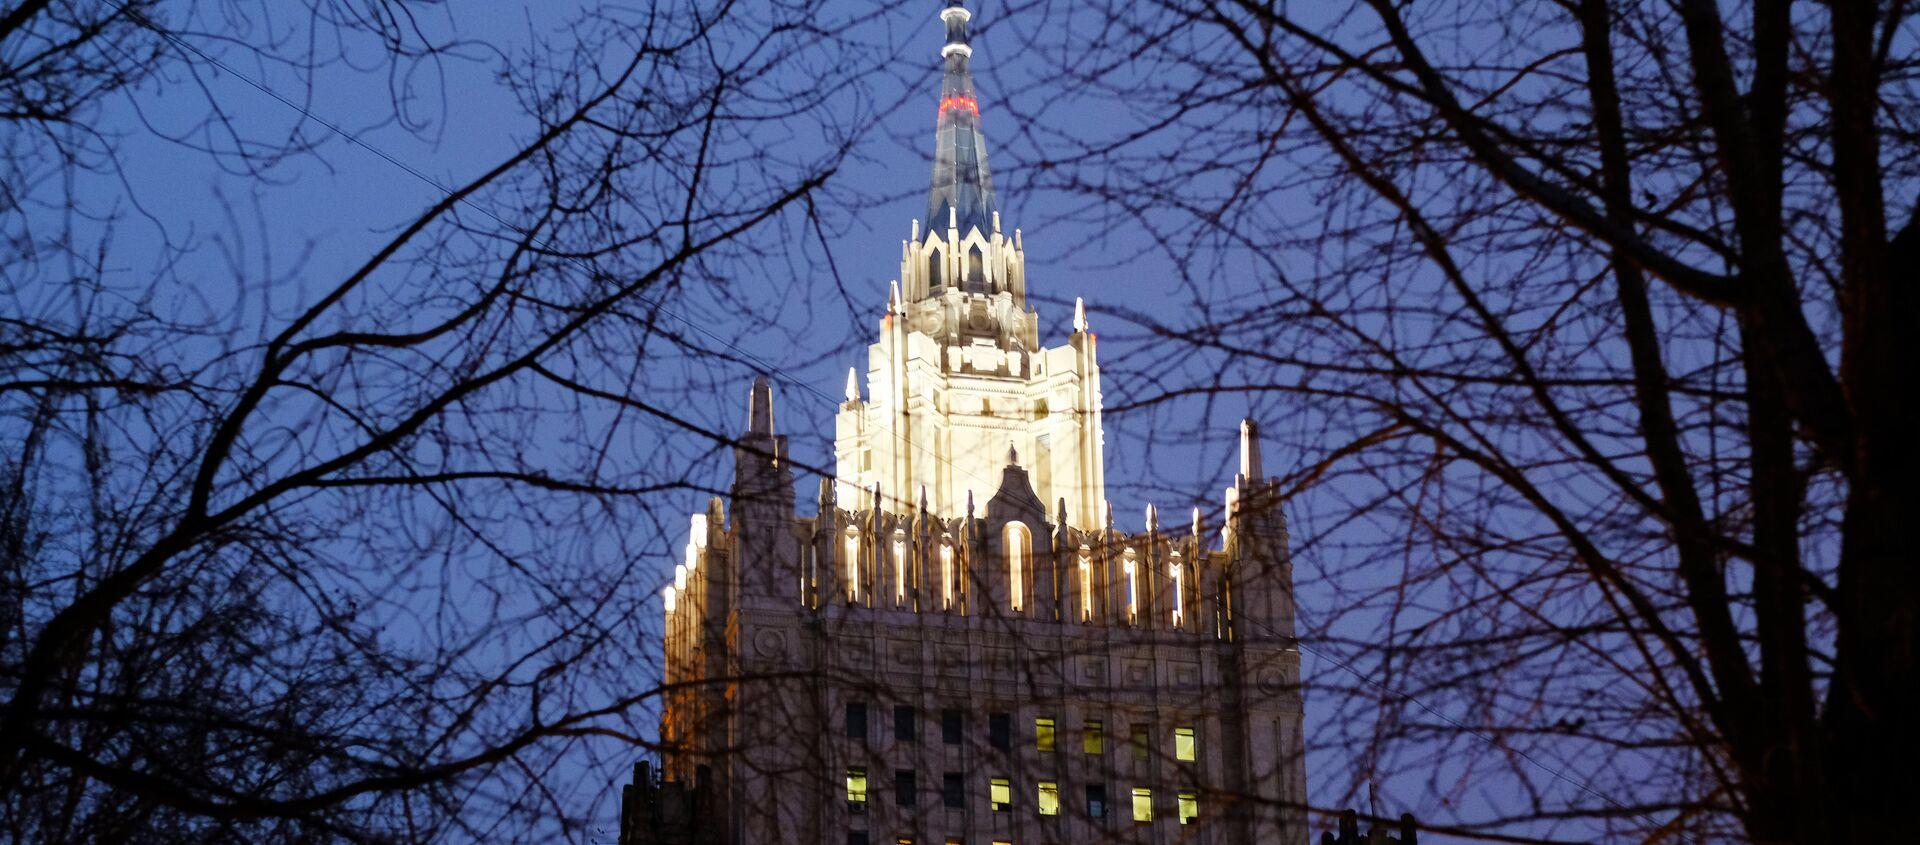 Ministerio de Asuntos Exteriores de Rusia - Sputnik Mundo, 1920, 28.08.2020